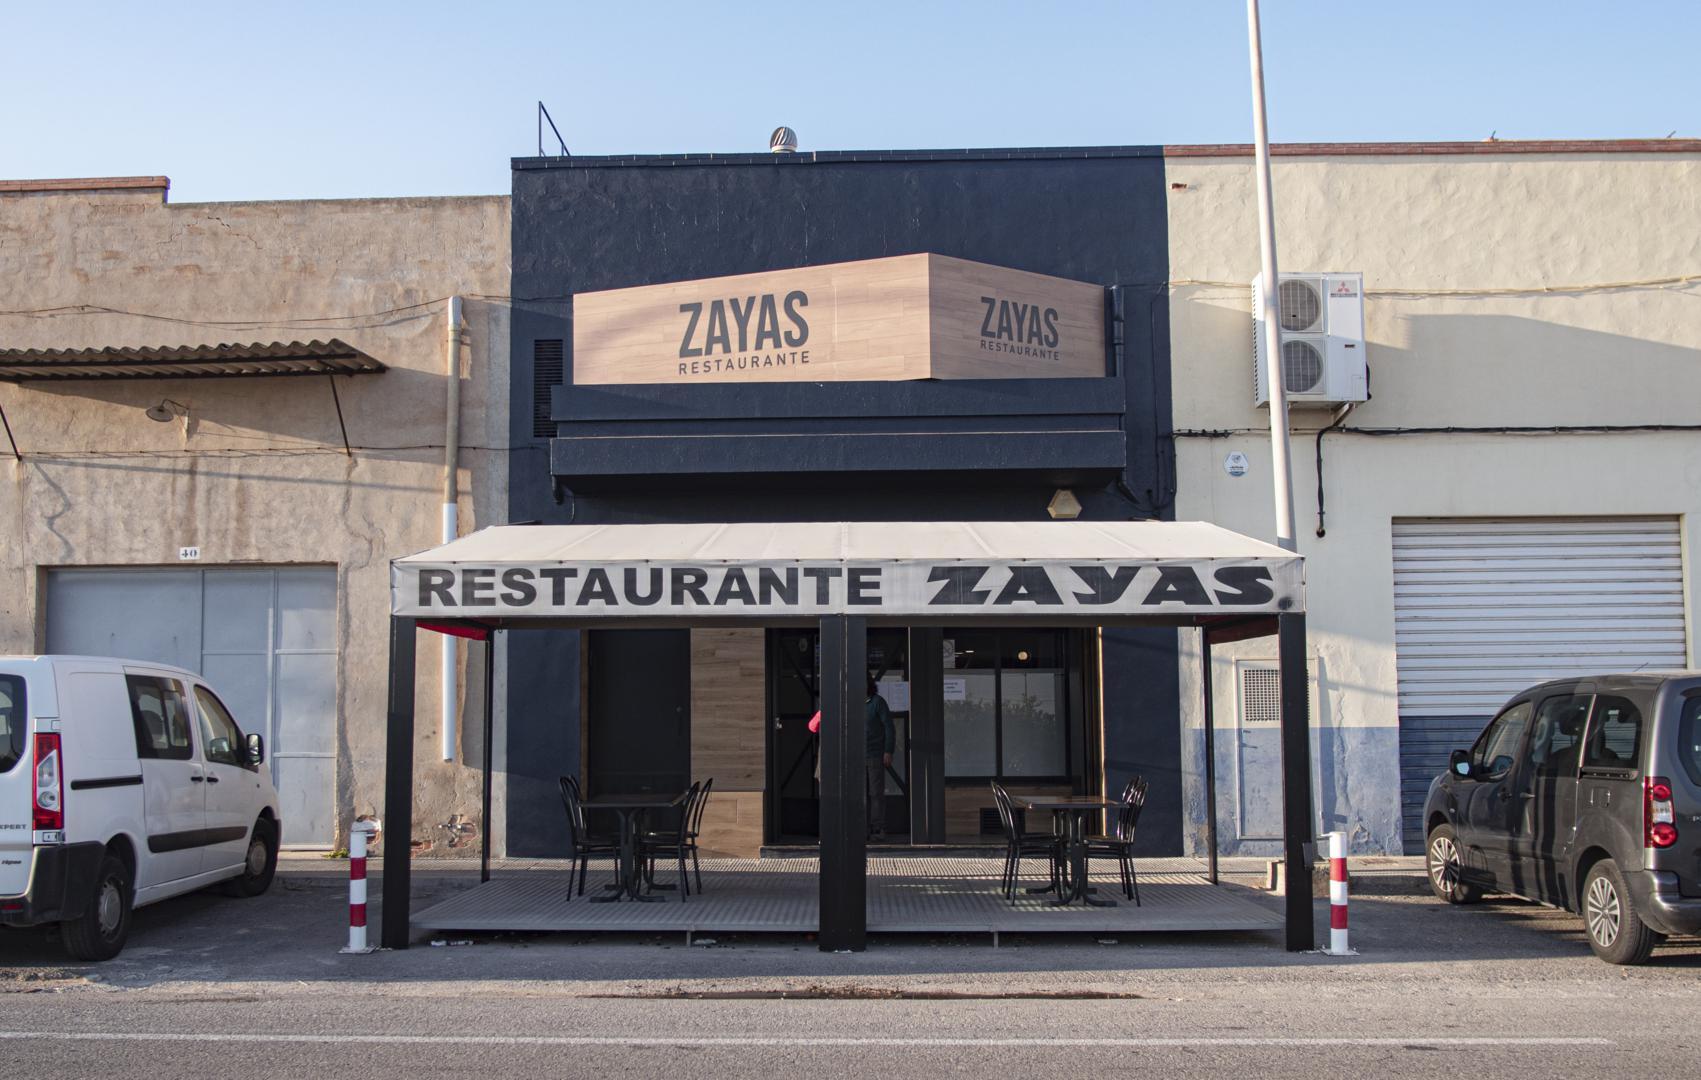 P1040677 1701x1080 - Reforma Restaurante ZAYAS - La Vilavella